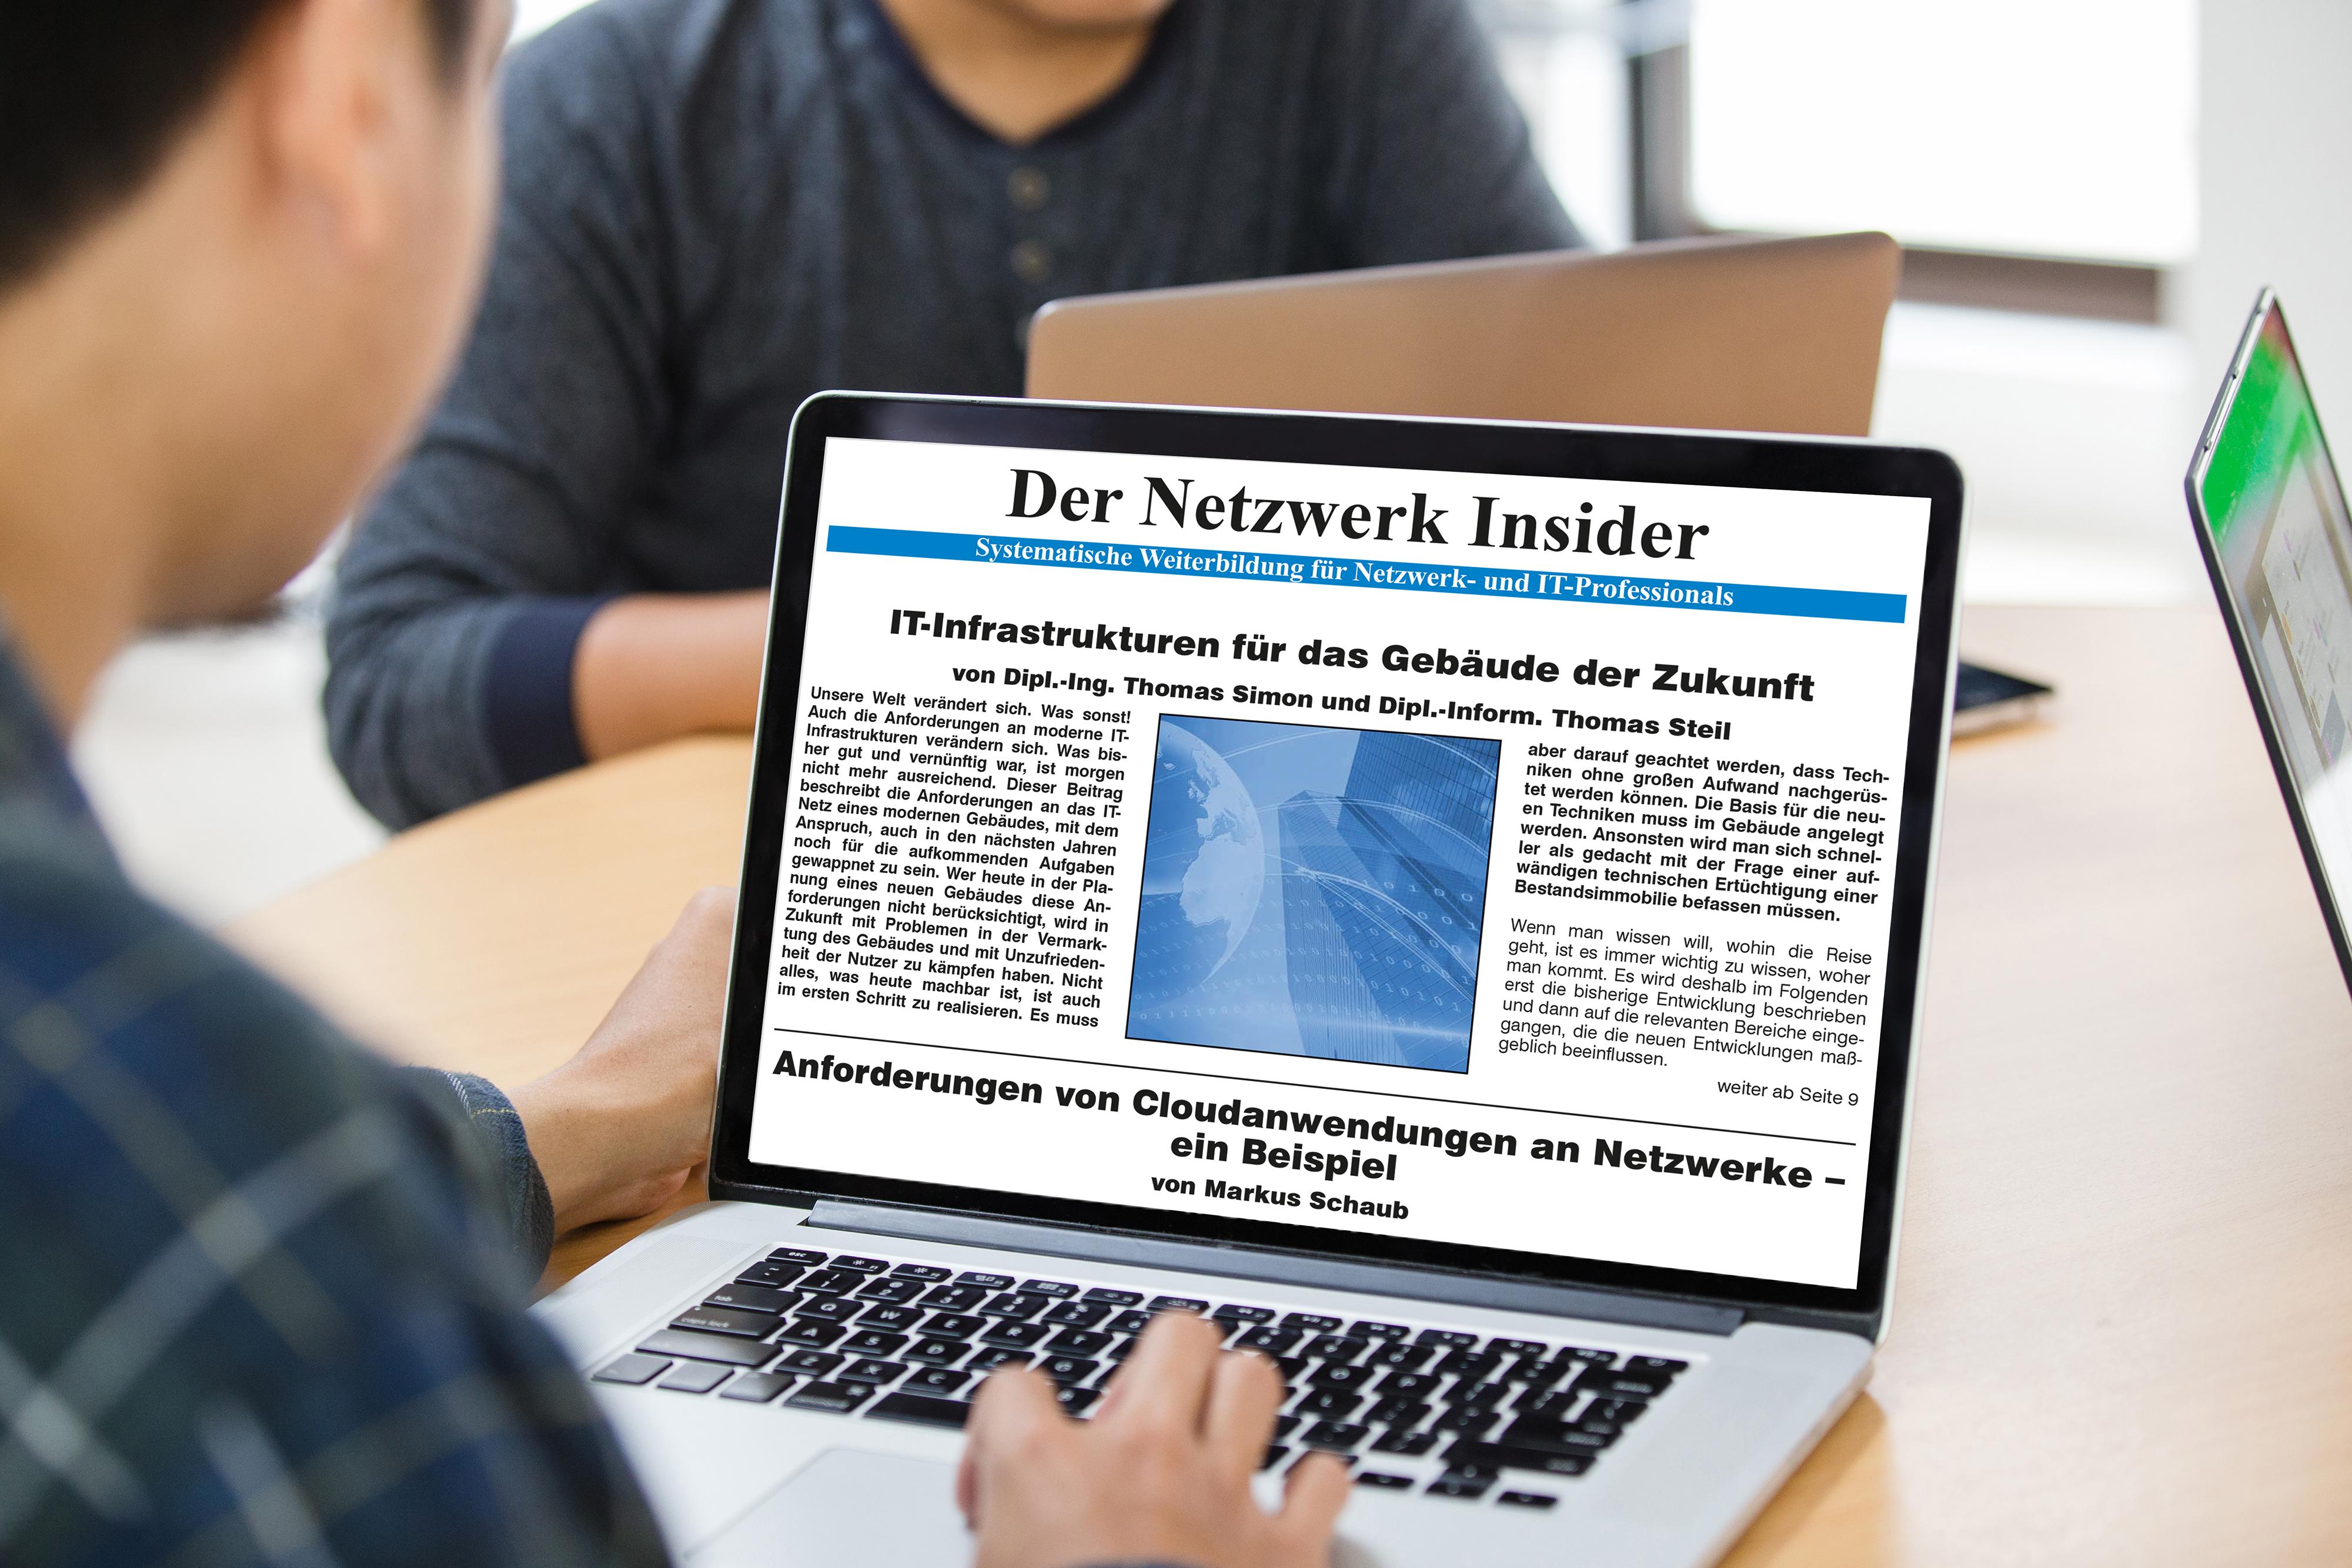 Der Netzwerk Insider